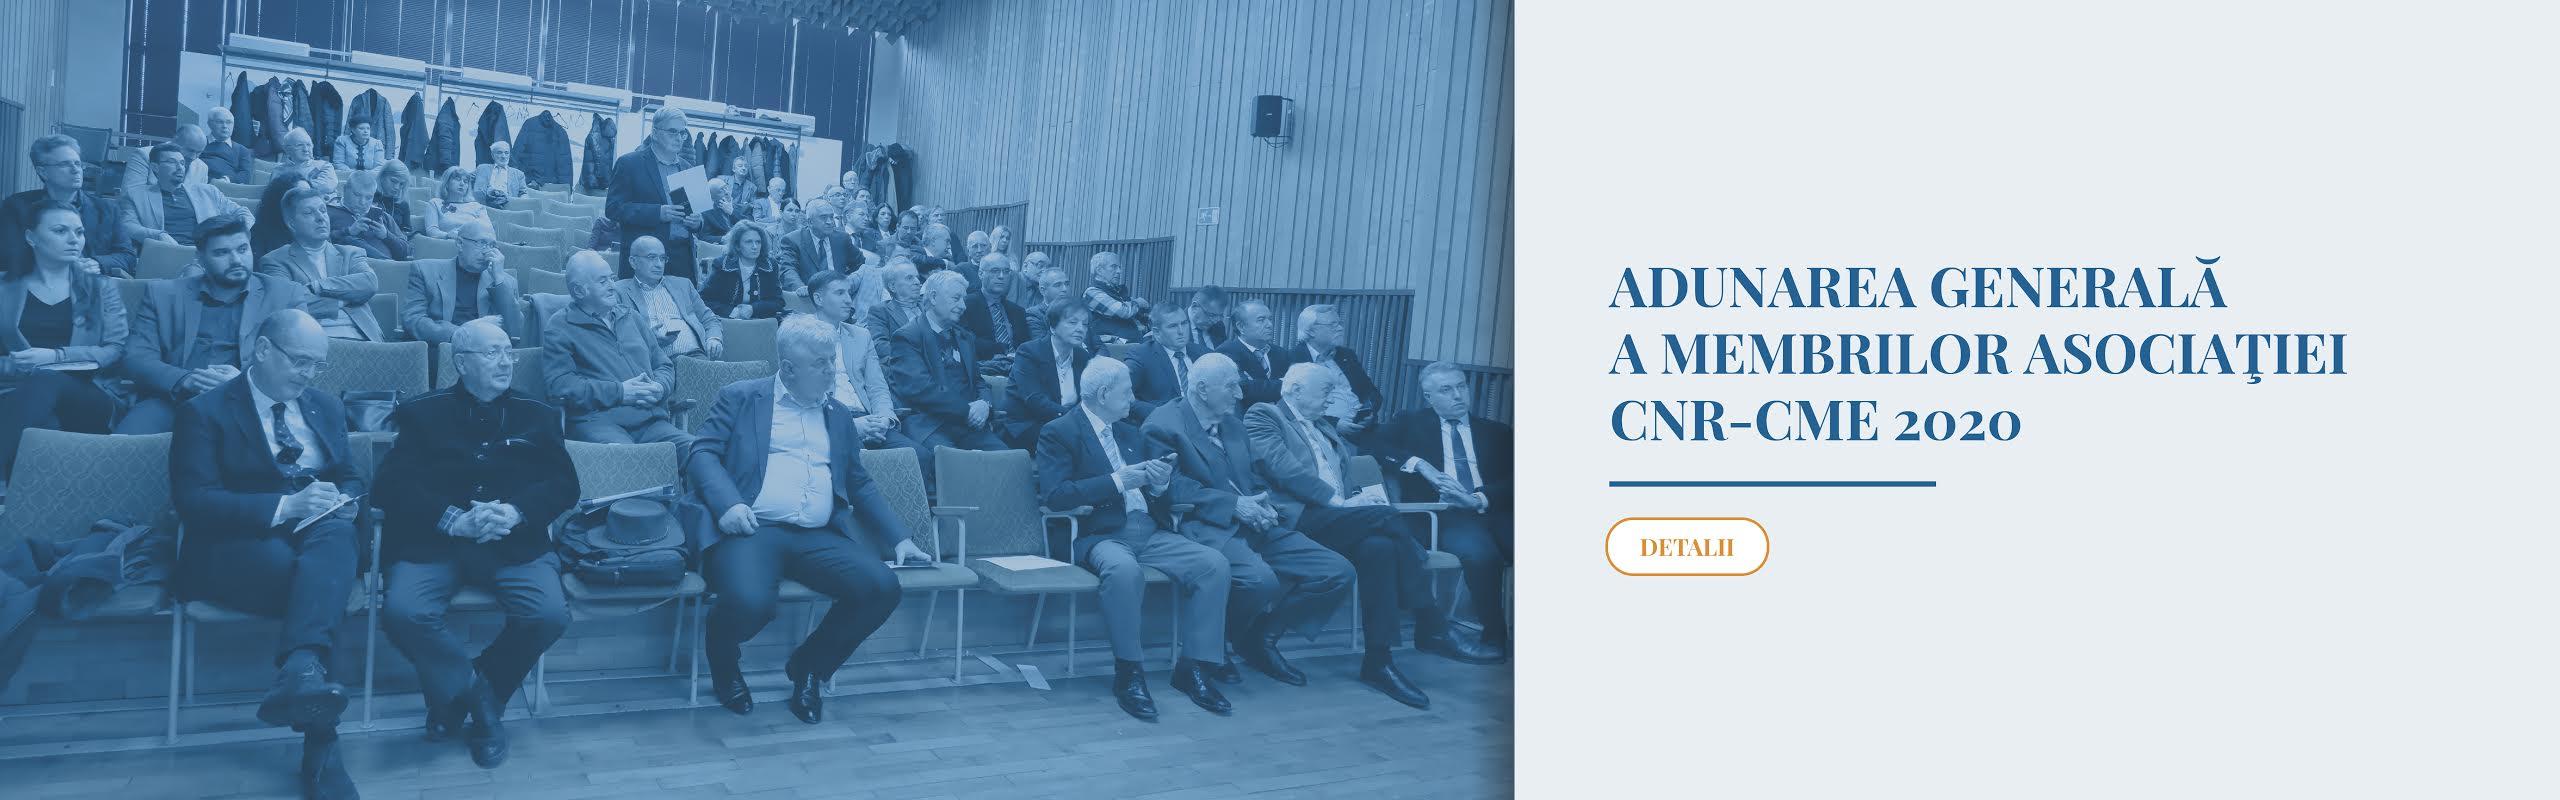 ADUNAREA GENERALĂ A MEMBRILOR ASOCIAŢIEI CNR-CME